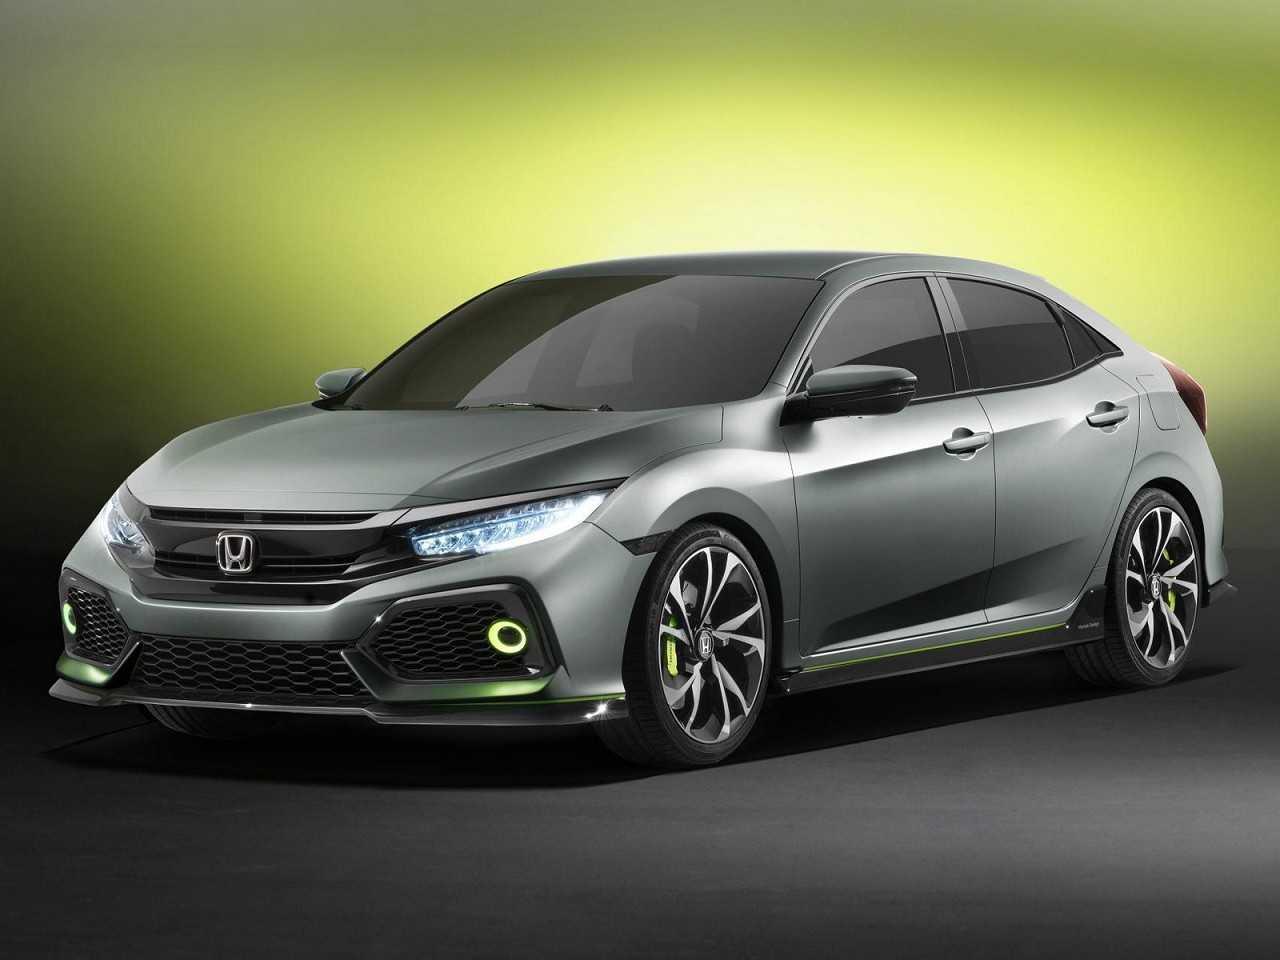 Honda Civic Hatch 2017